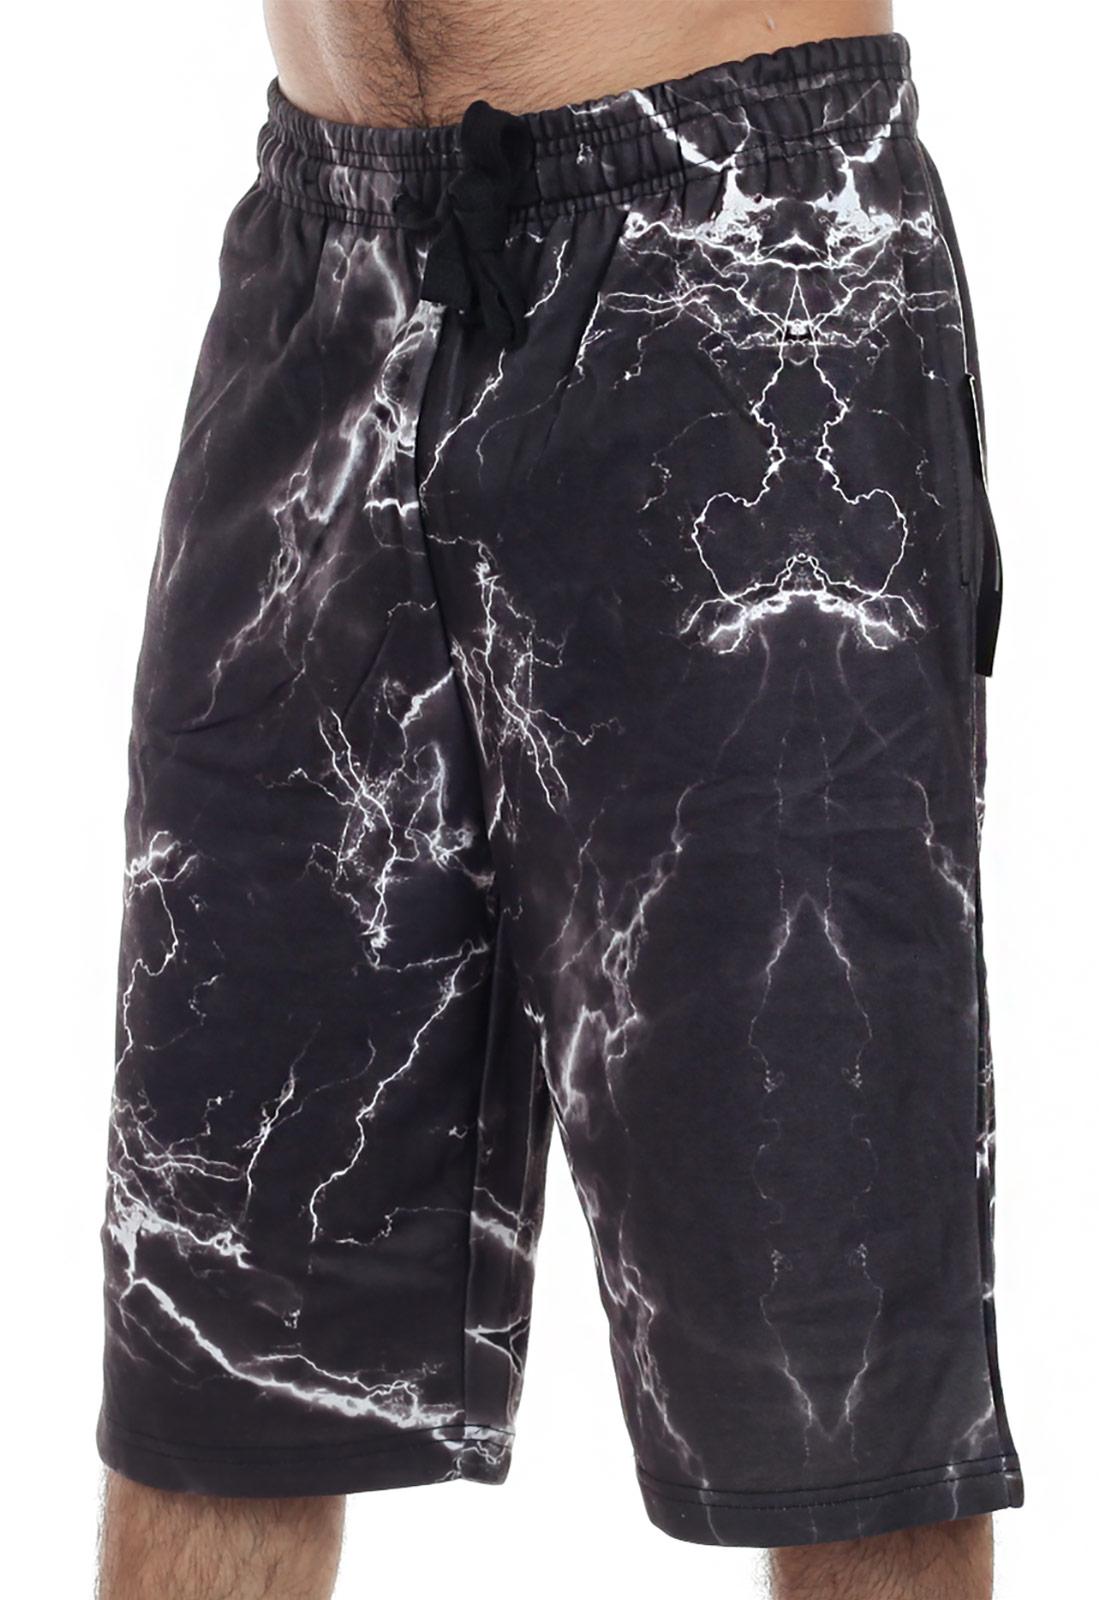 Дизайнерские мужские шорты на флисе от ТМ Vibes Gold Jogger.